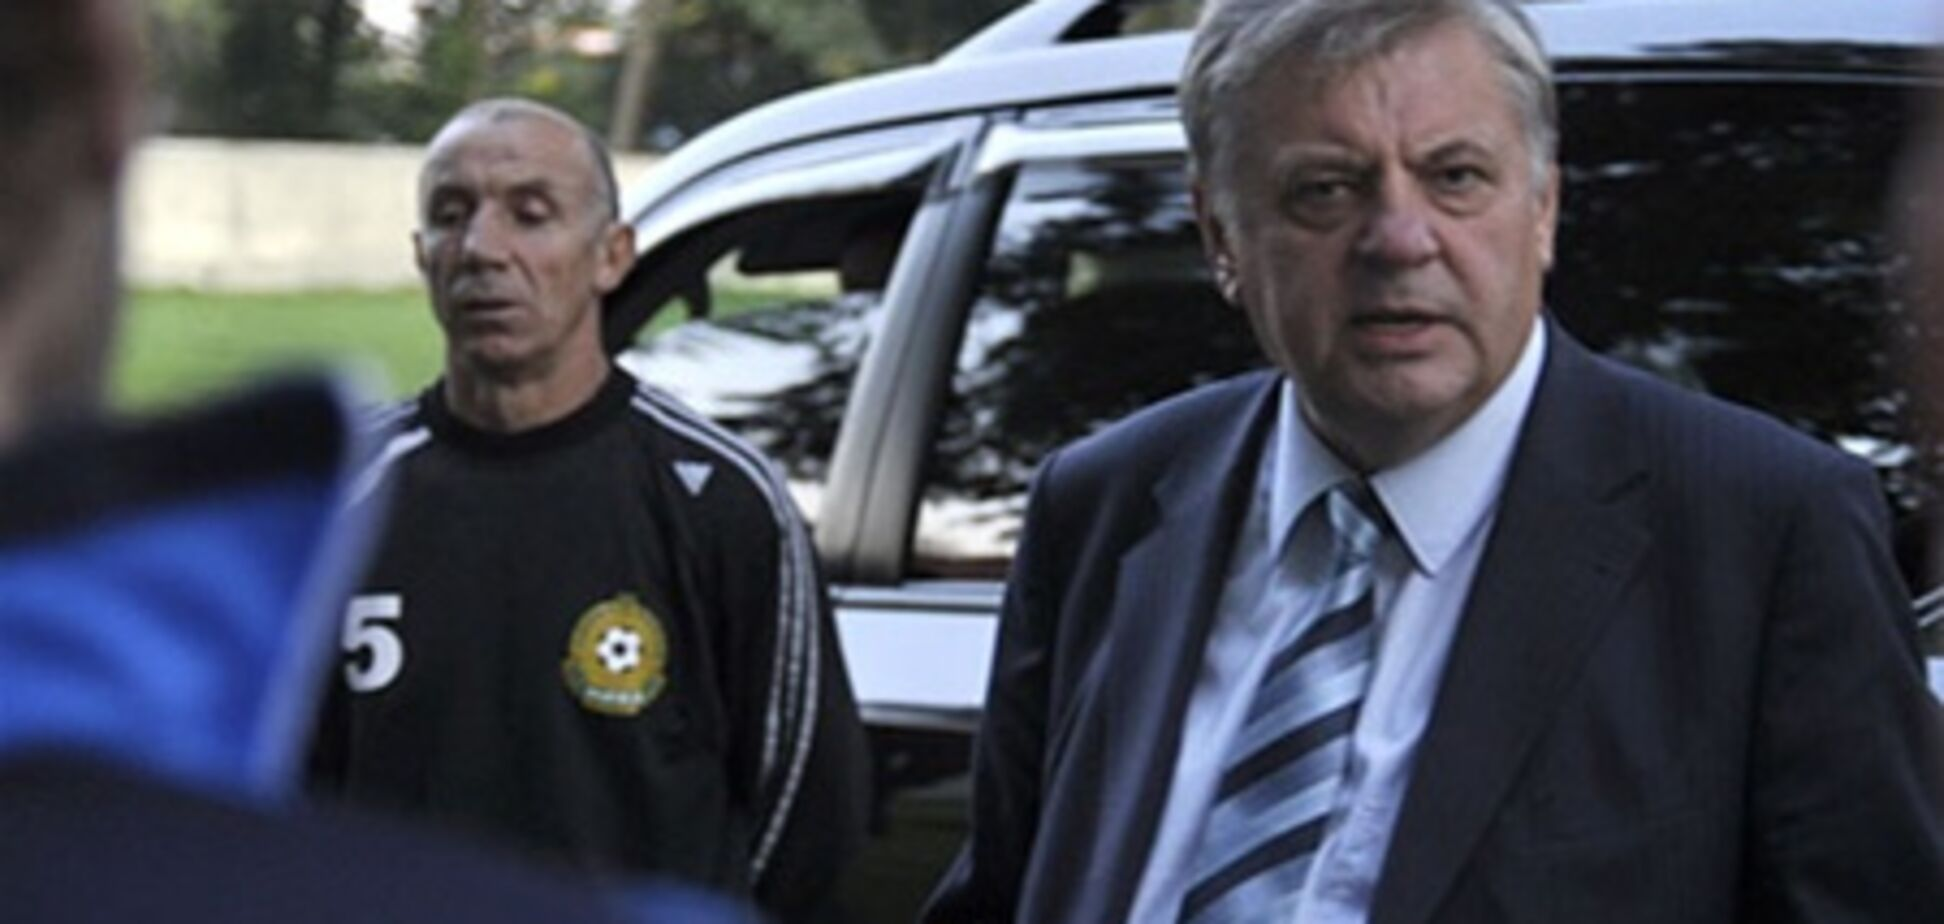 СМИ: губернатор Тернопольщины пользовался джипом в день кровавого ДТП